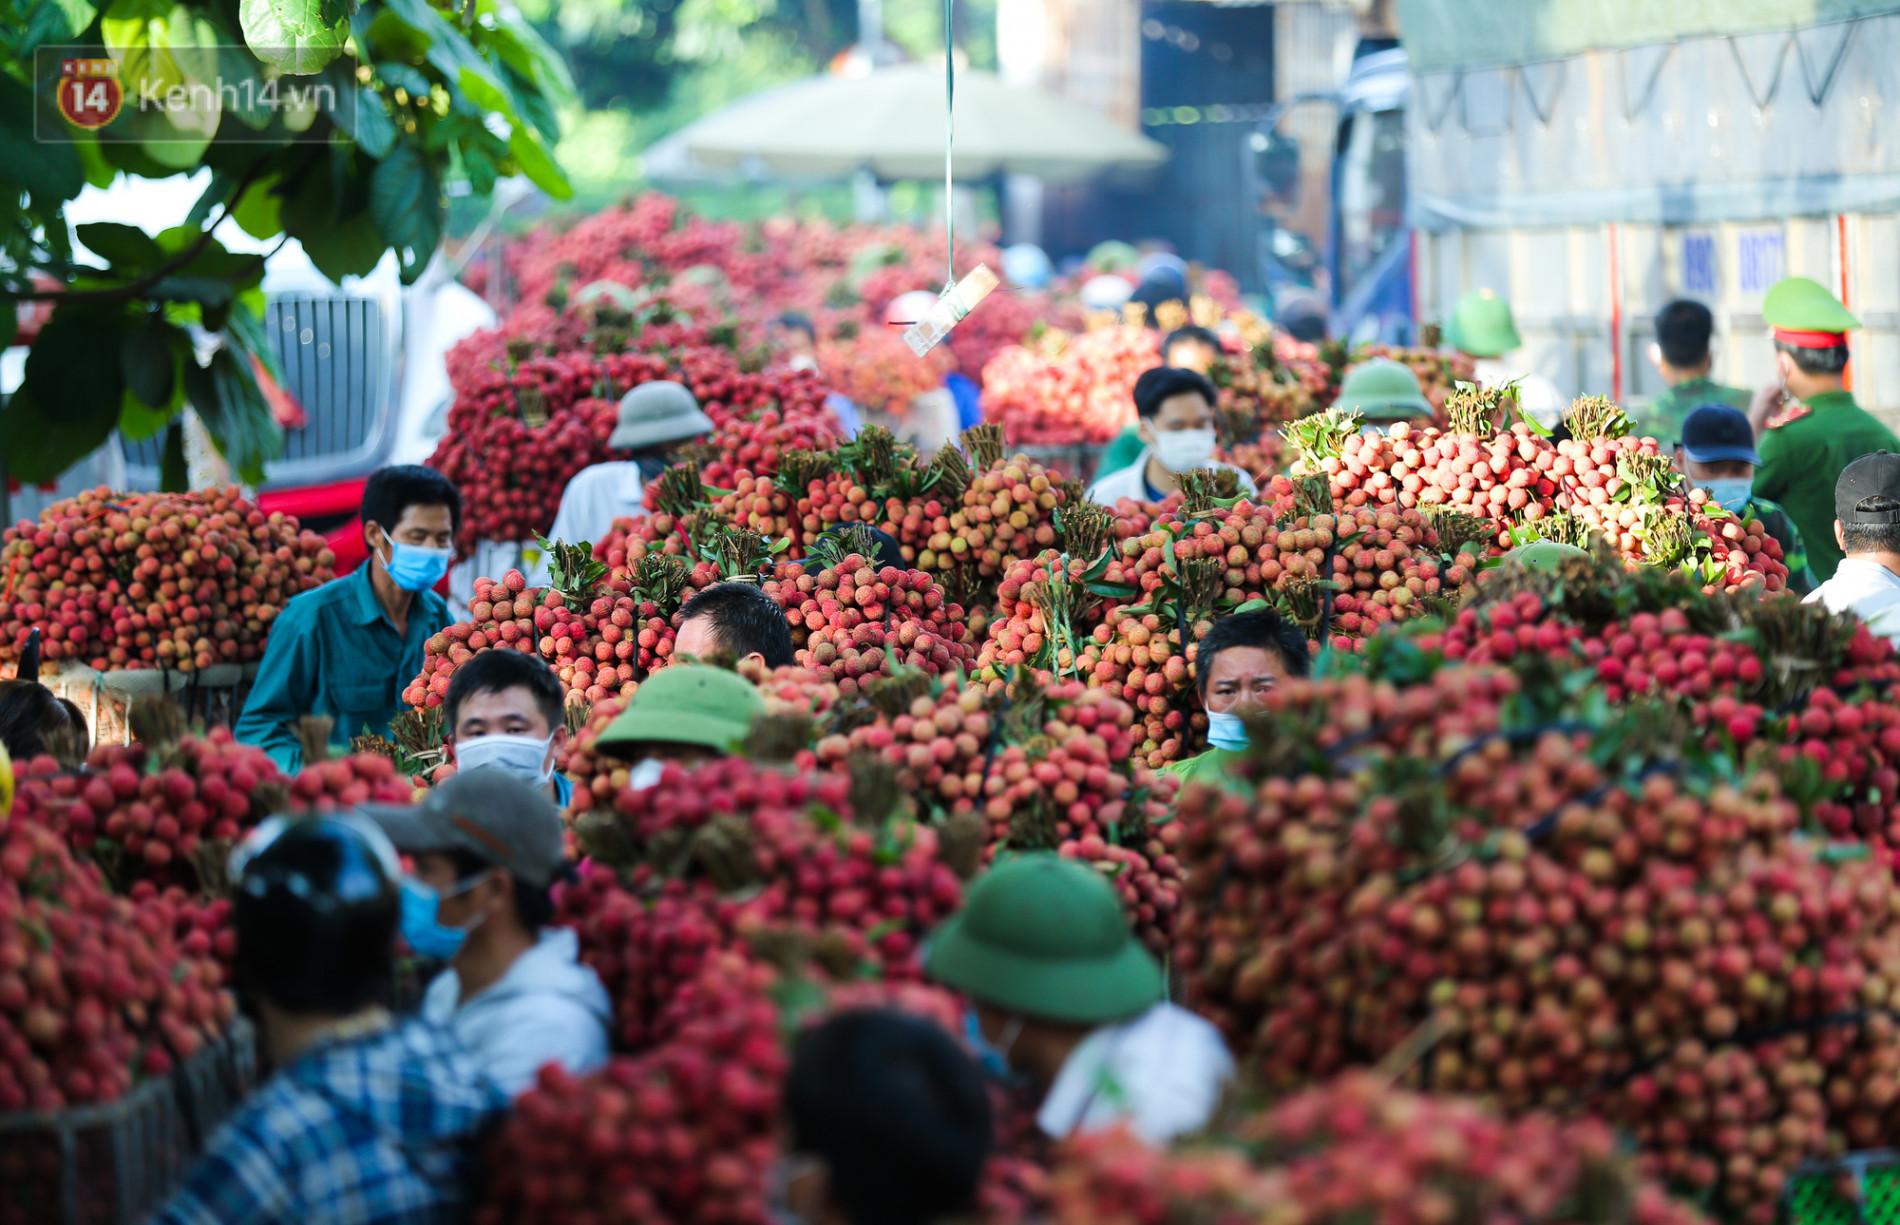 Ảnh: Nông dân Bắc Giang nối đuôi nhau chở vải thiều ra chợ, đường quê đỏ rực một màu - Ảnh 6.